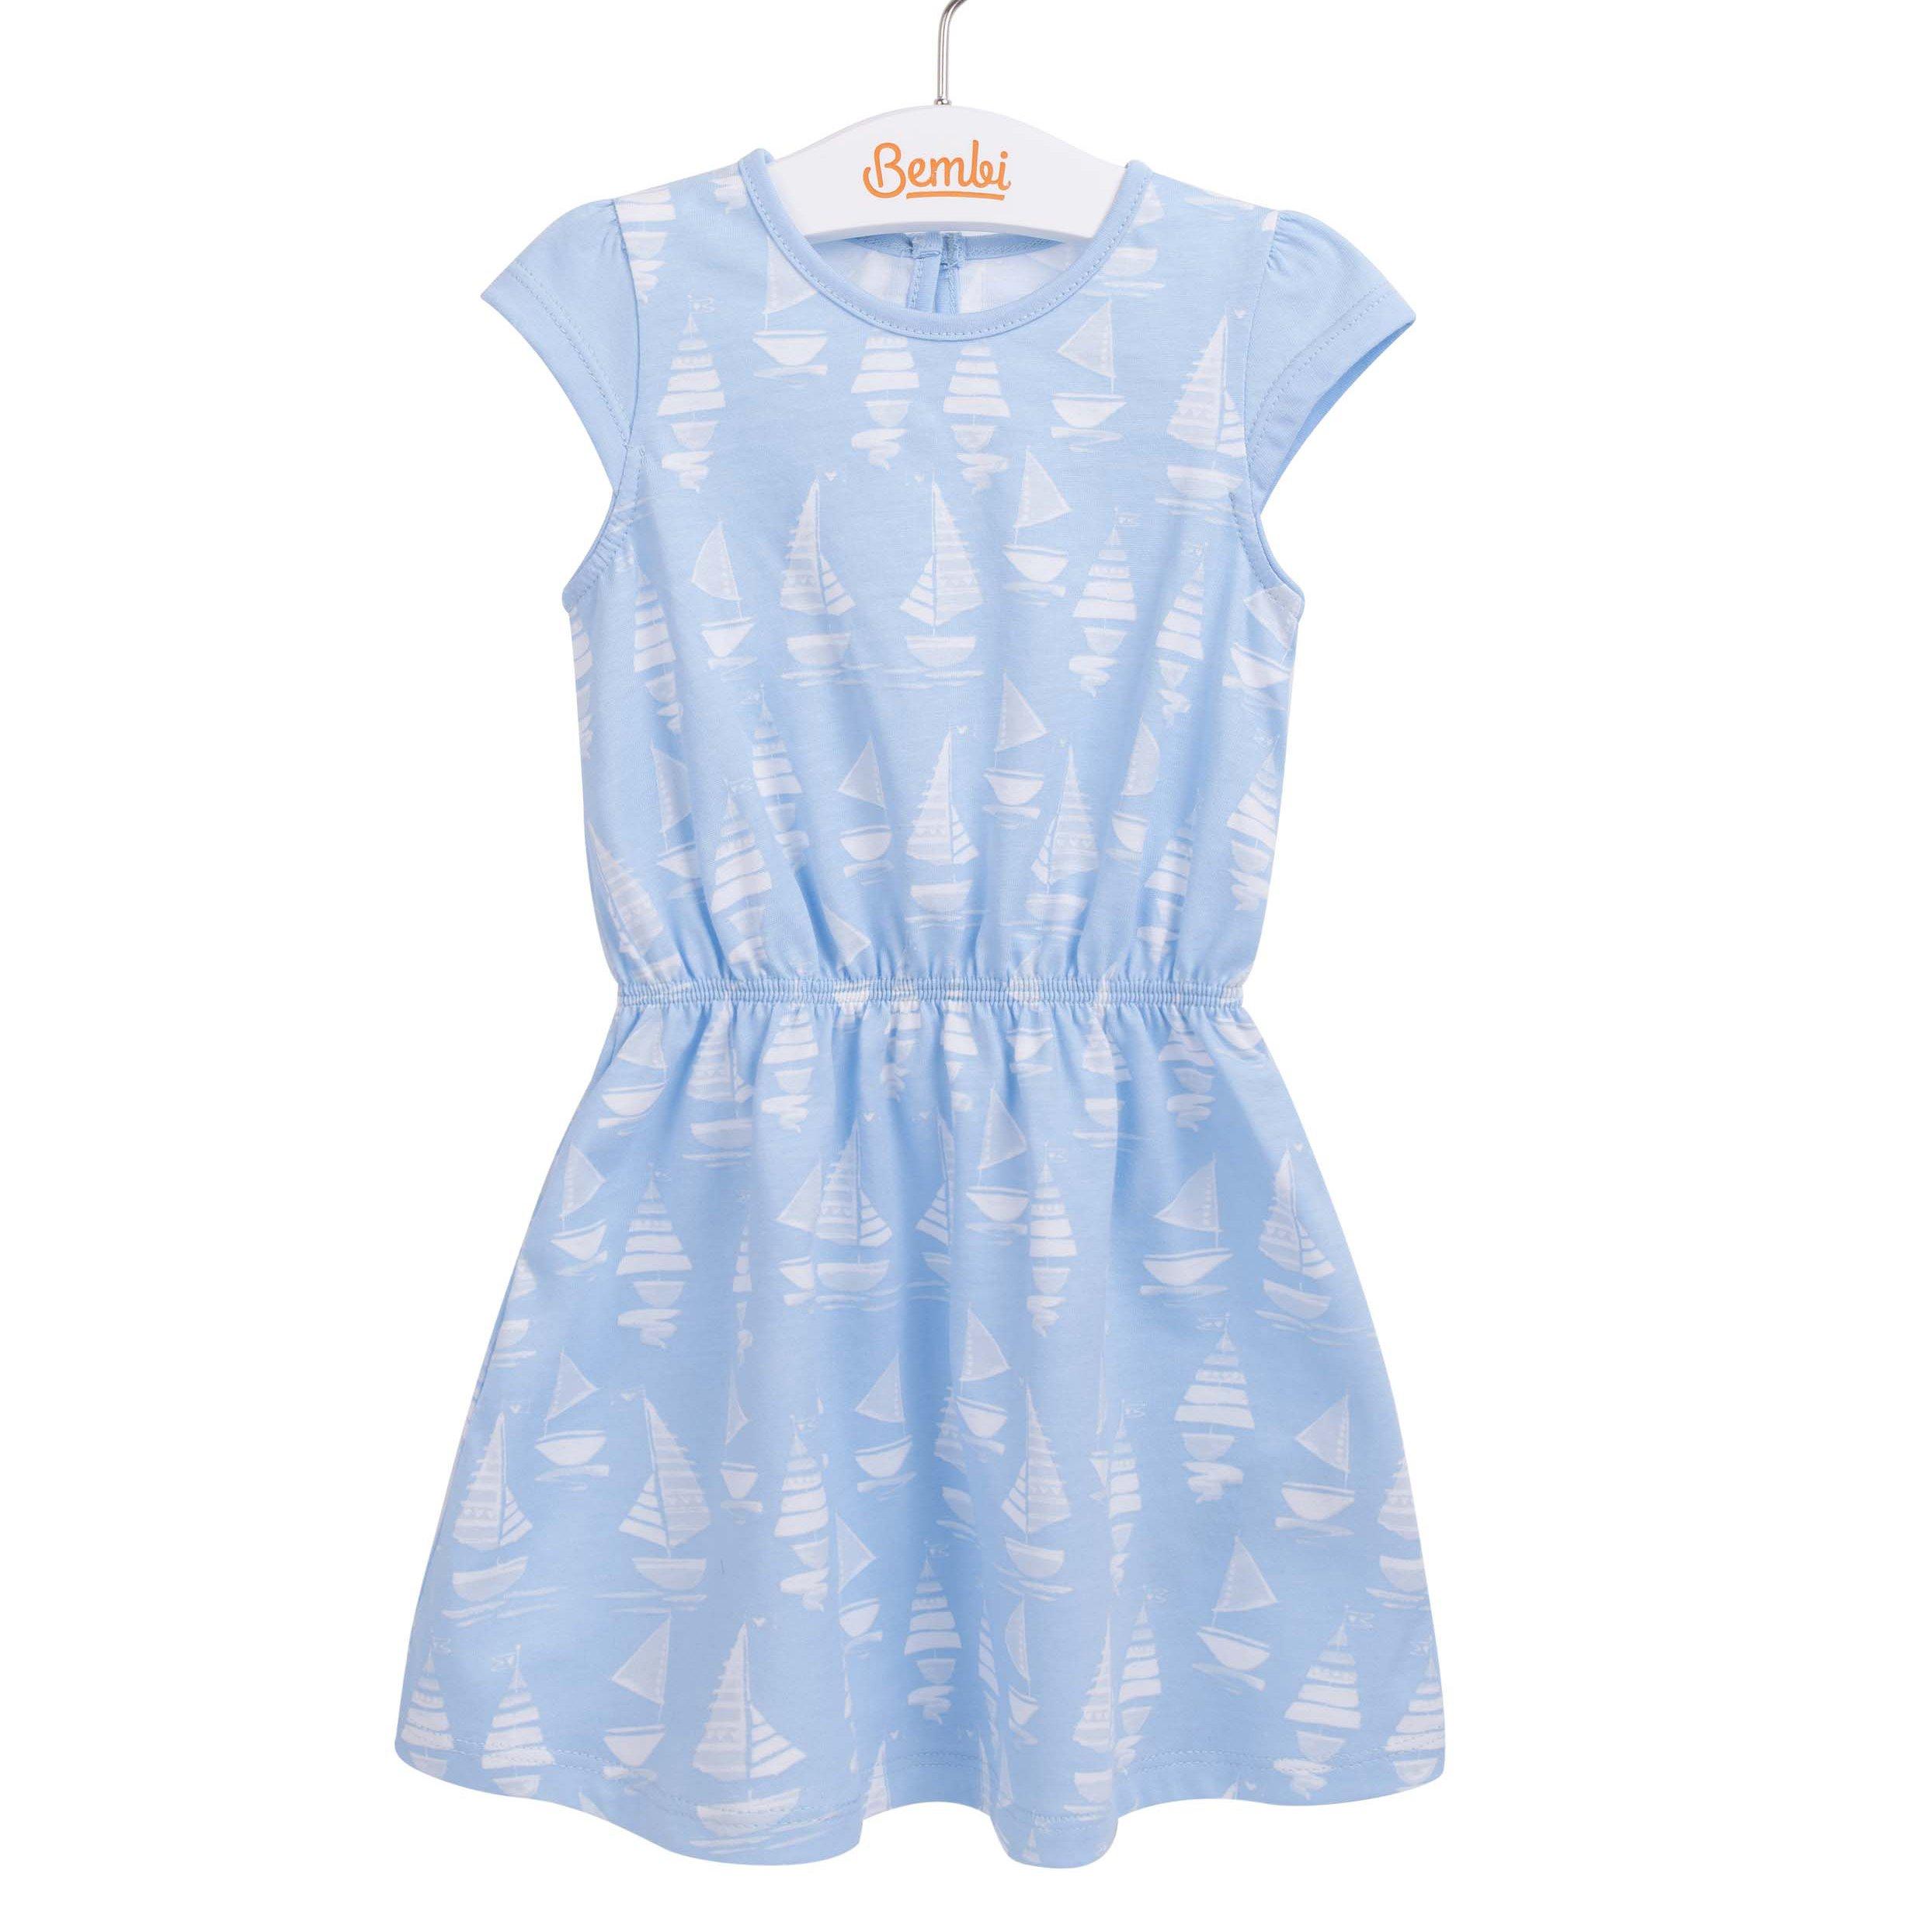 09b890dc78d180 Літнє плаття для дівчинки Метелики блакитне - платтячка до року ...